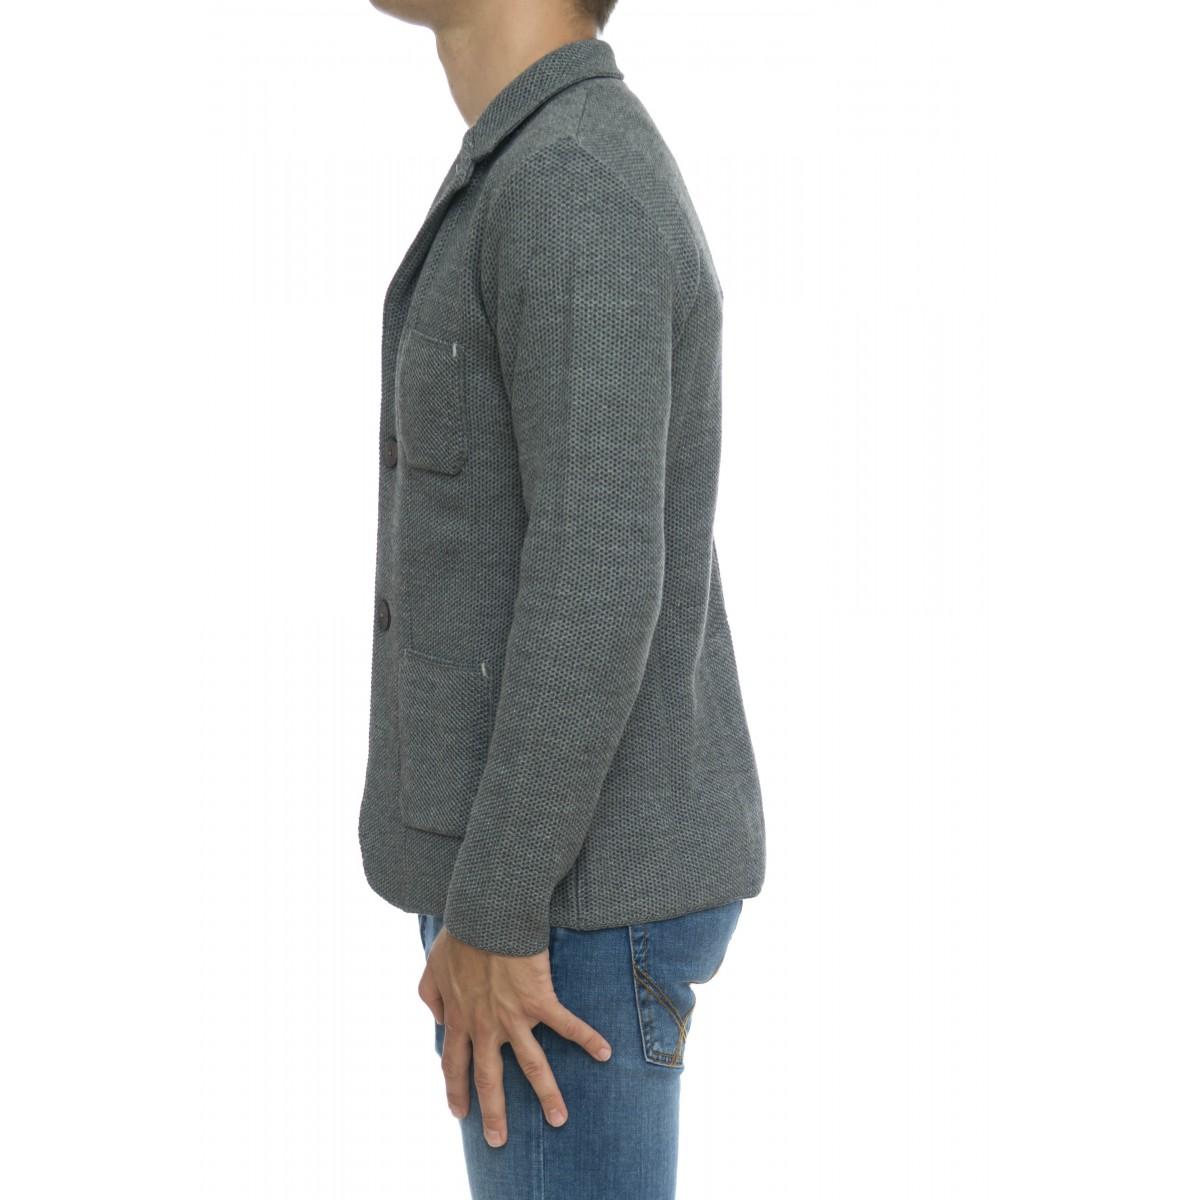 Giacca uomo - 0023 giacca nido d ape